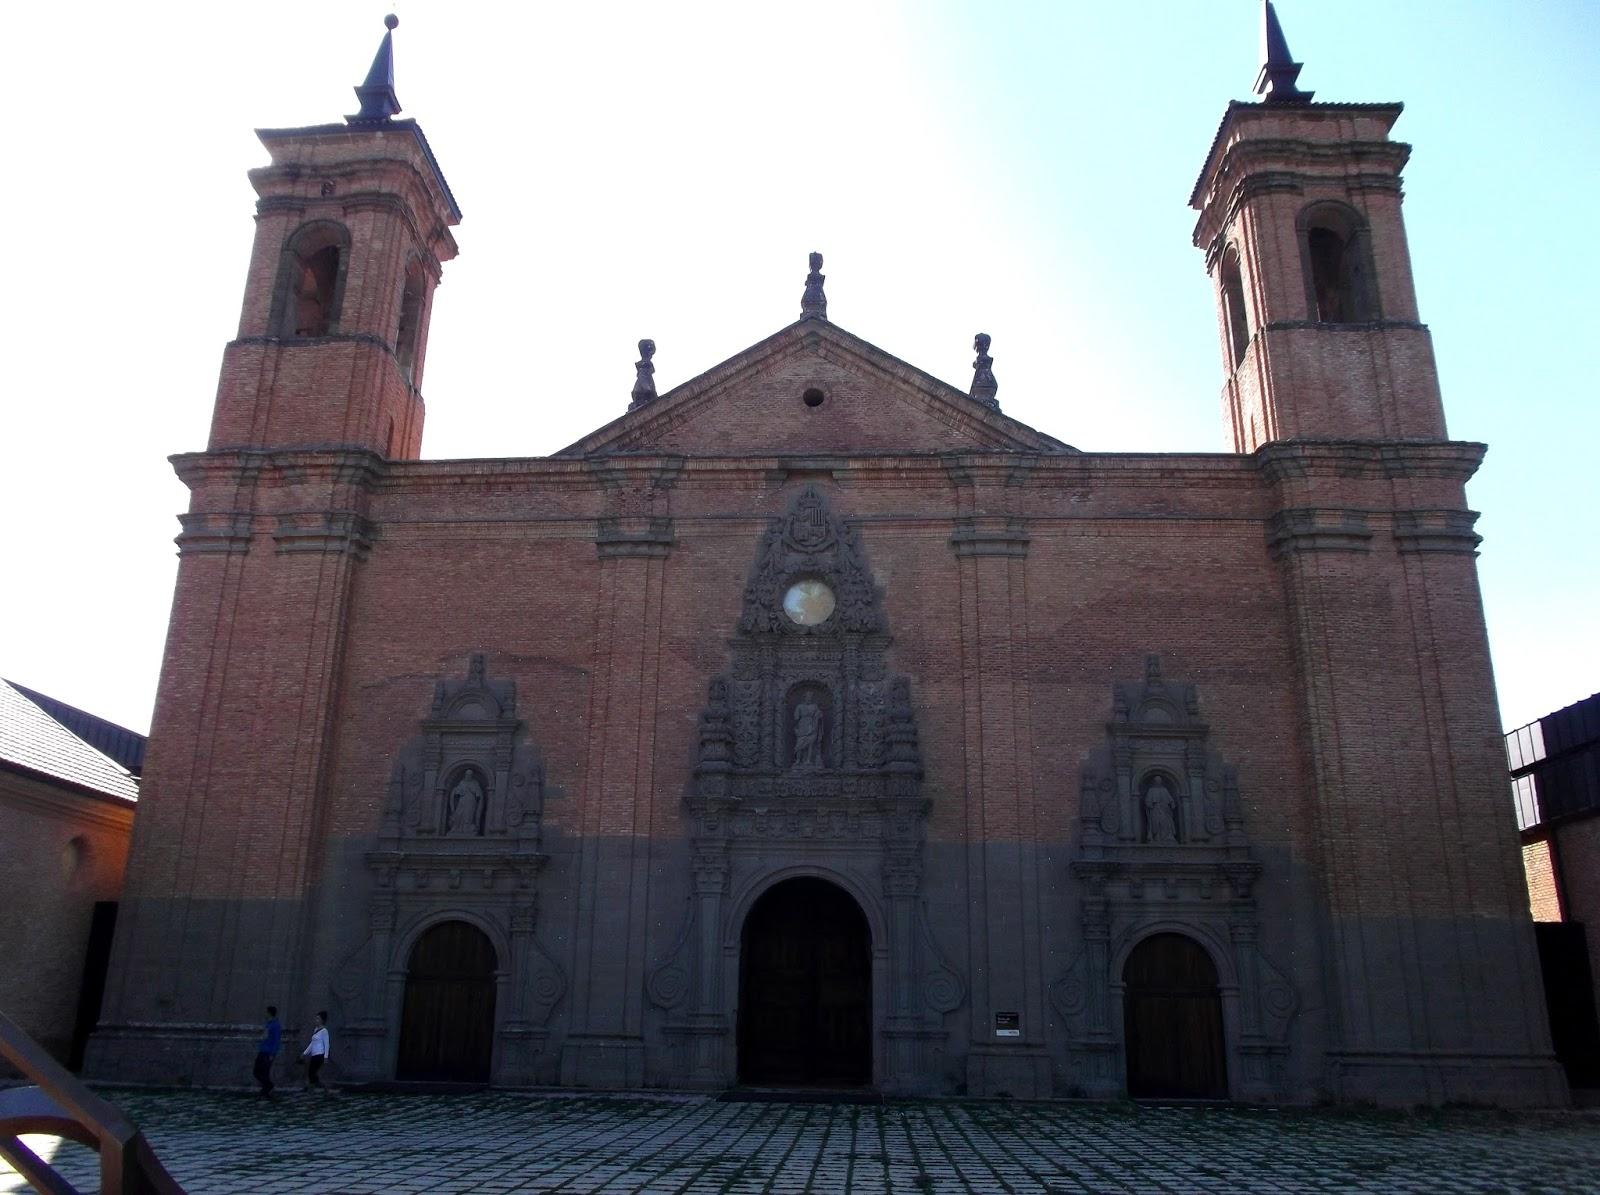 Monasterio de San Juan de la Pena - Spain